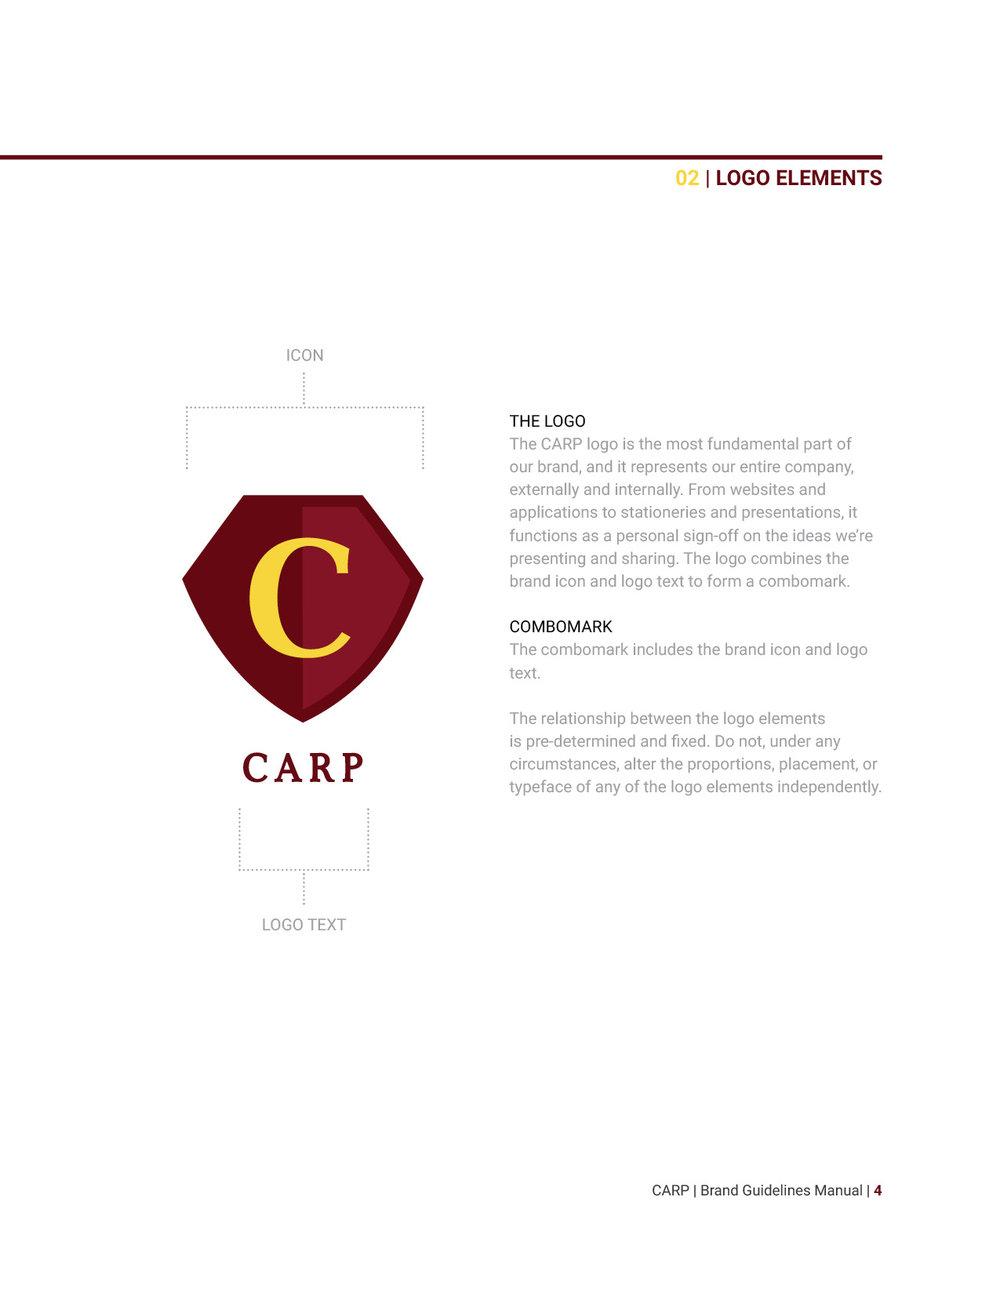 CARP_brand_guidelines_14.jpg